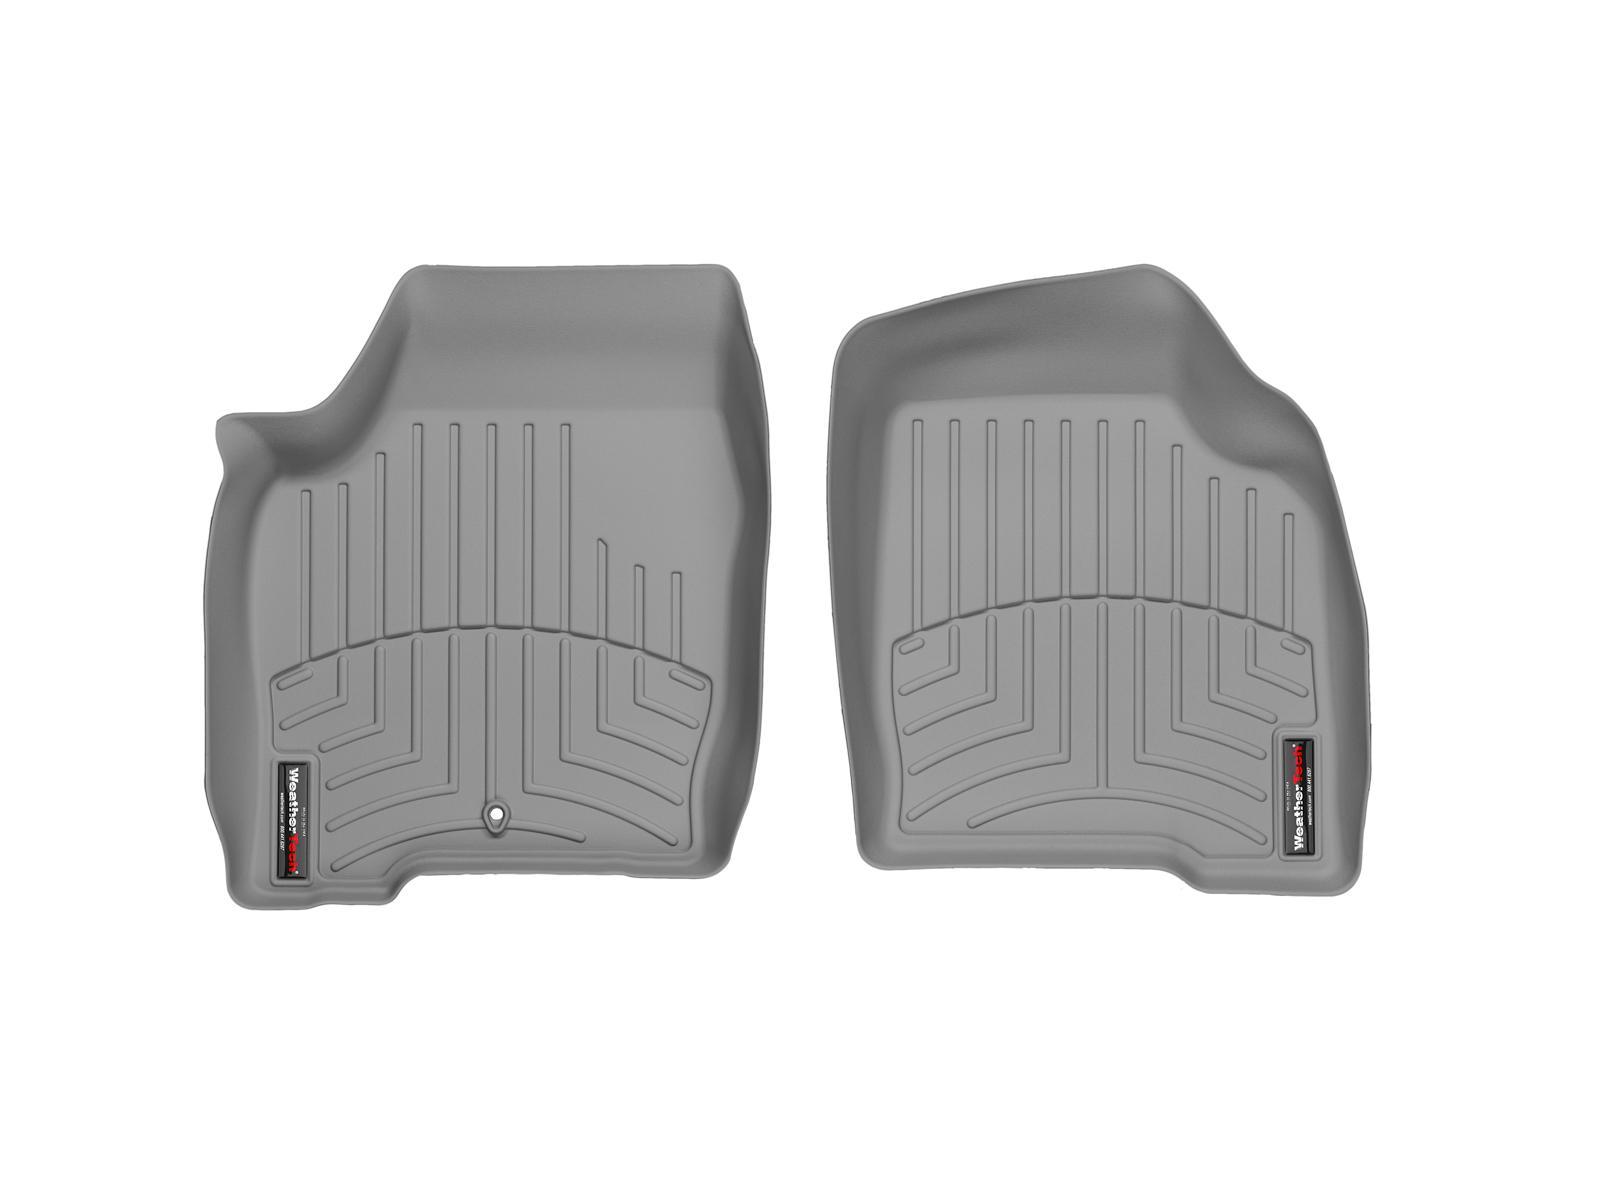 Tappeti gomma su misura bordo alto Chevrolet Impala Limited 14>16 Grigio A136